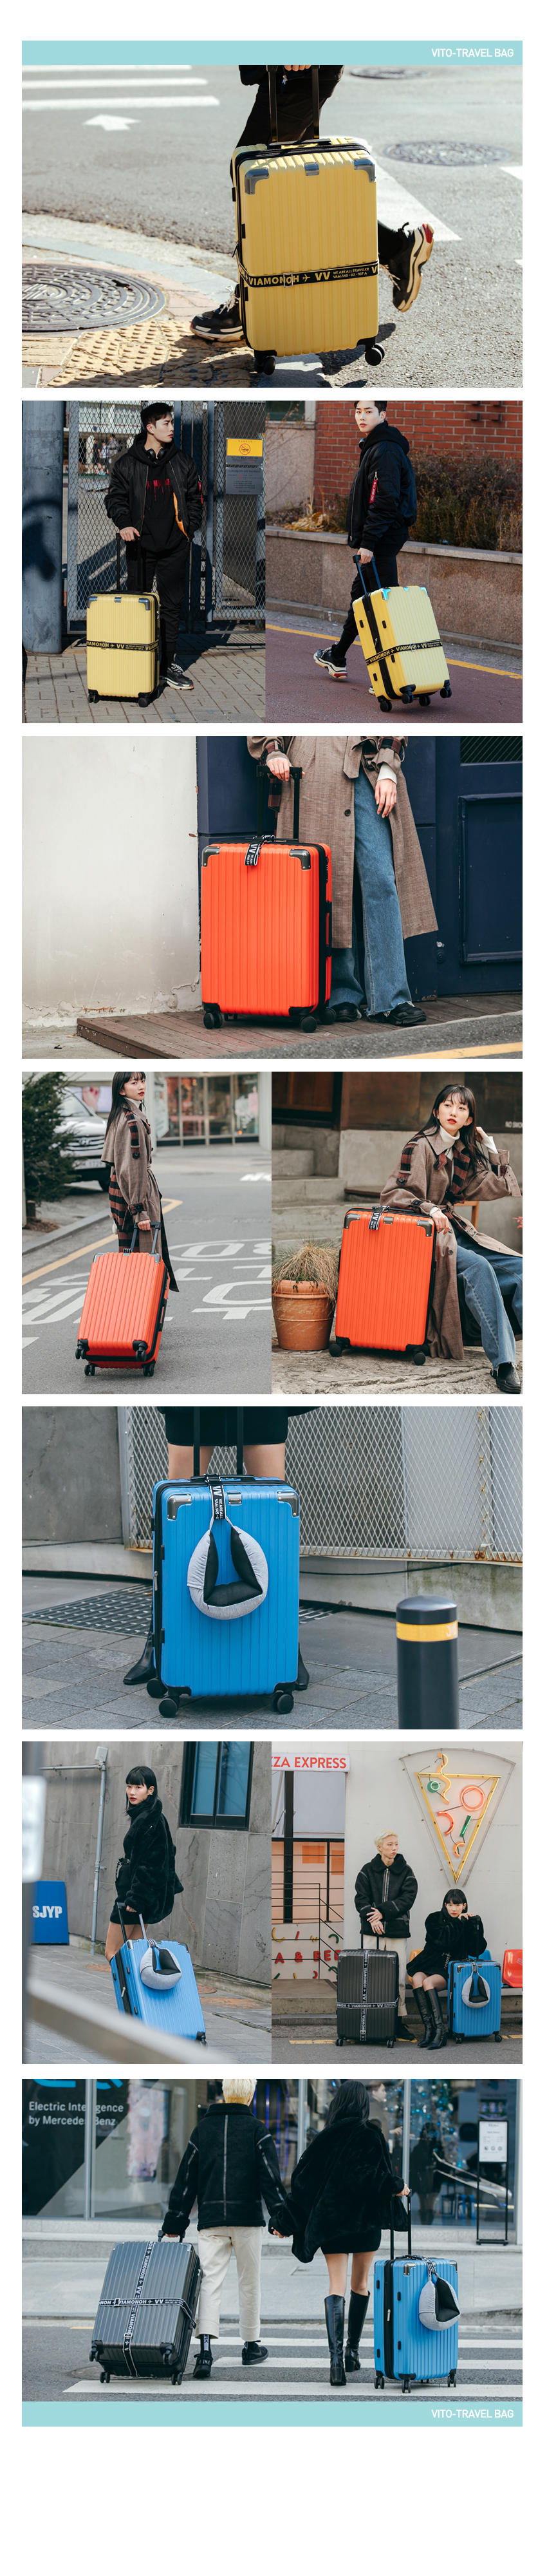 비아모노 VAIF 9037 블루 30인치 하드캐리어 여행가방 - 꼬뱅, 198,000원, 하드형, 기내용(20형) 이하